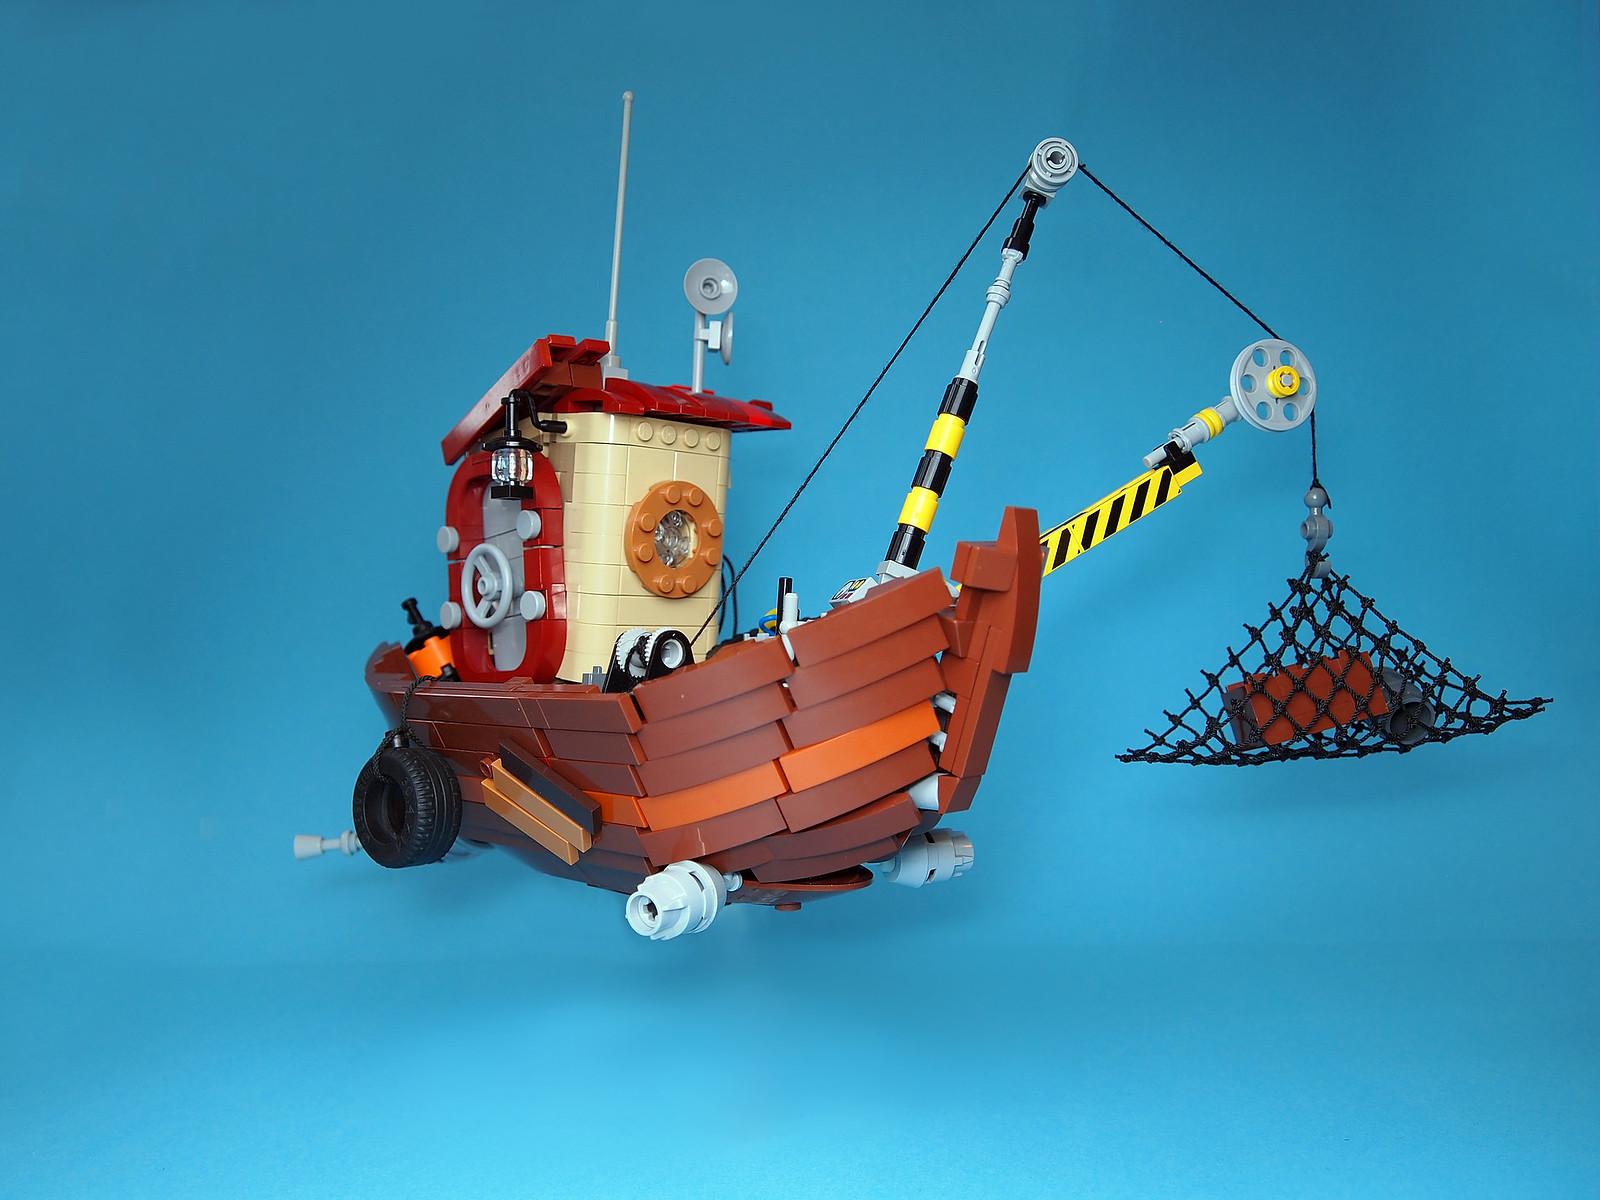 lego boat moc